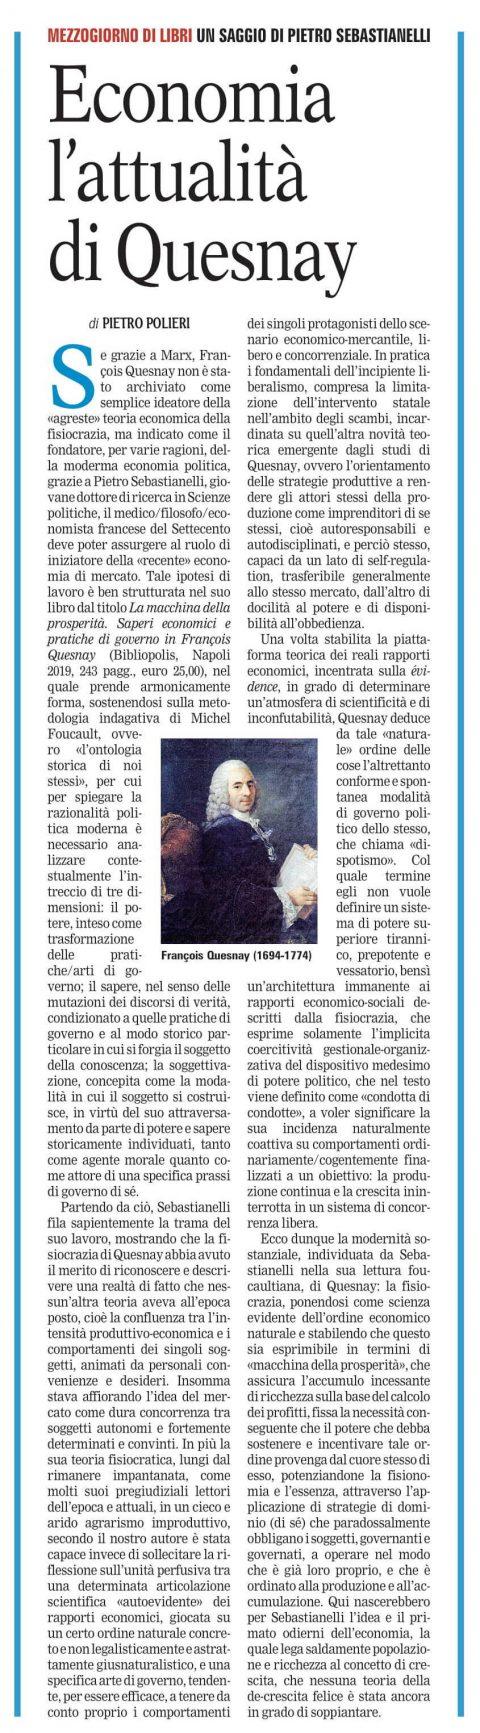 Economia. L'attualità di Quesnay (P. Polieri, Mezzogiorno di Libri, La Gazzetta del Mezzogiorno.it, 17/8/2020)